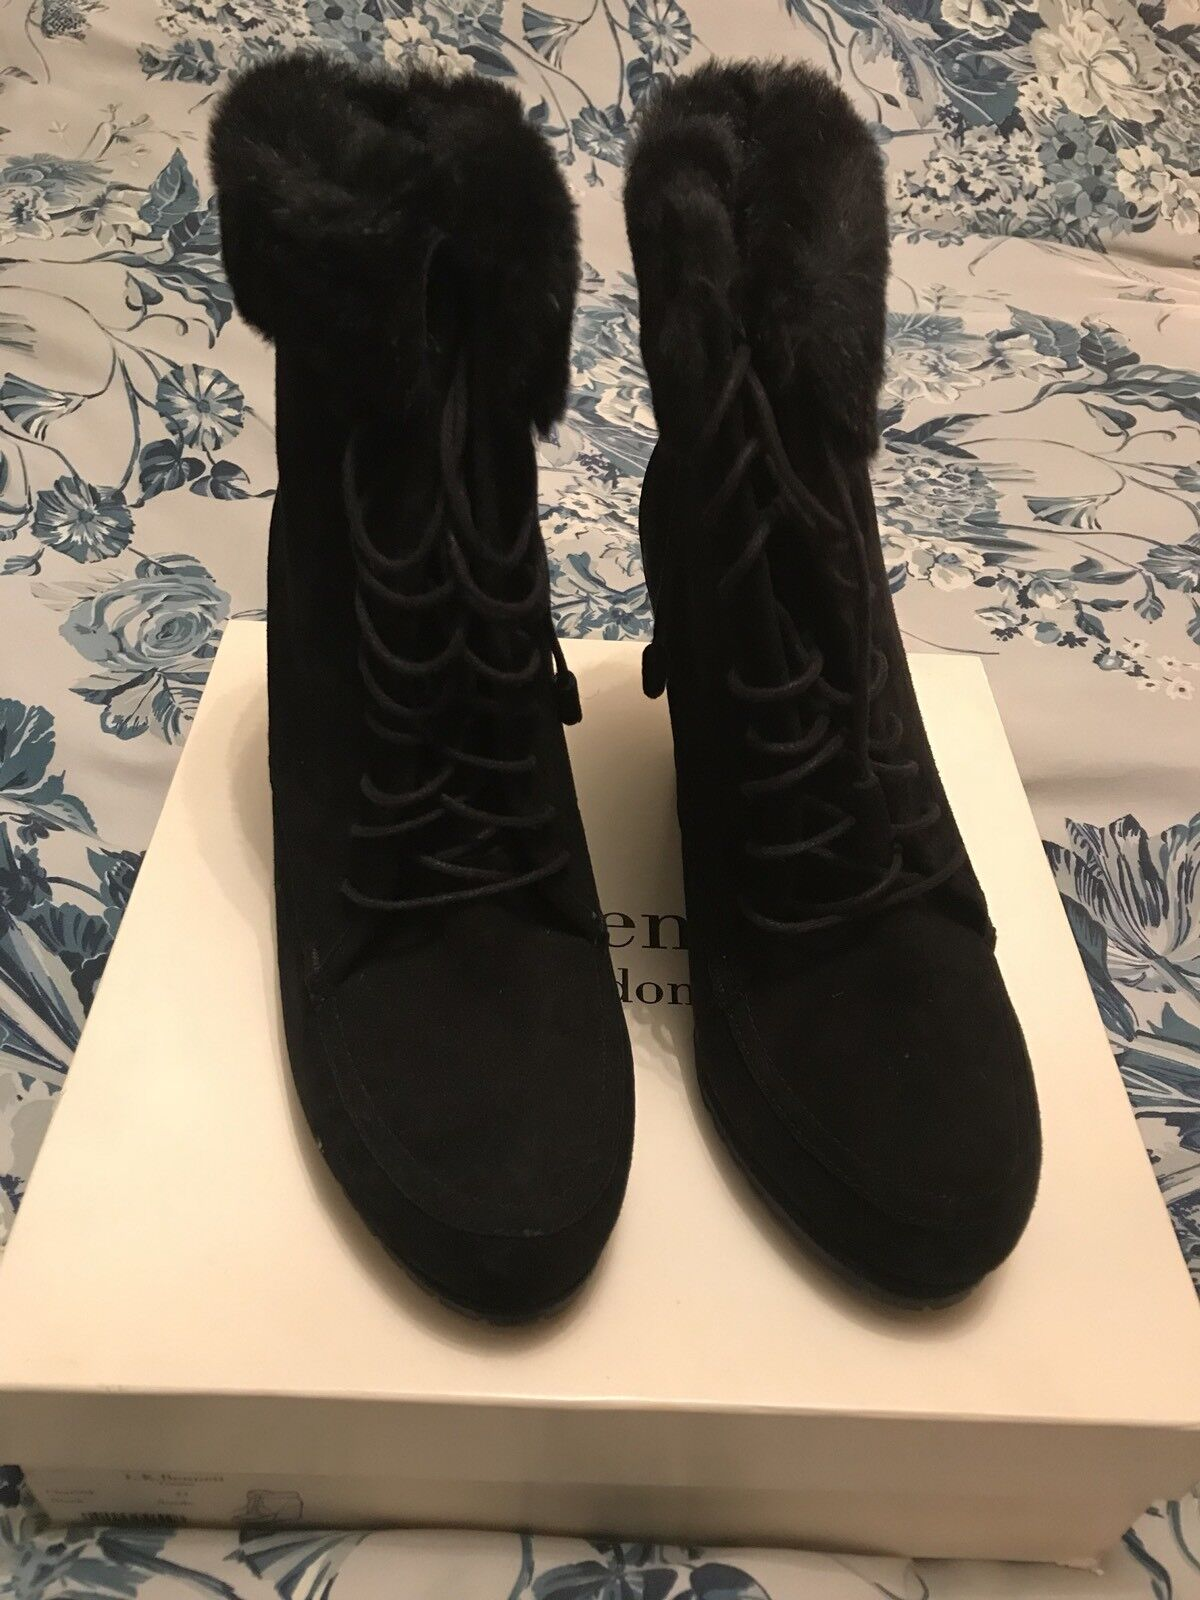 L K BENNETT BNIB Größe 41 schwarz SUEDE WEDGE HEEL CHARING ANKLE Stiefel